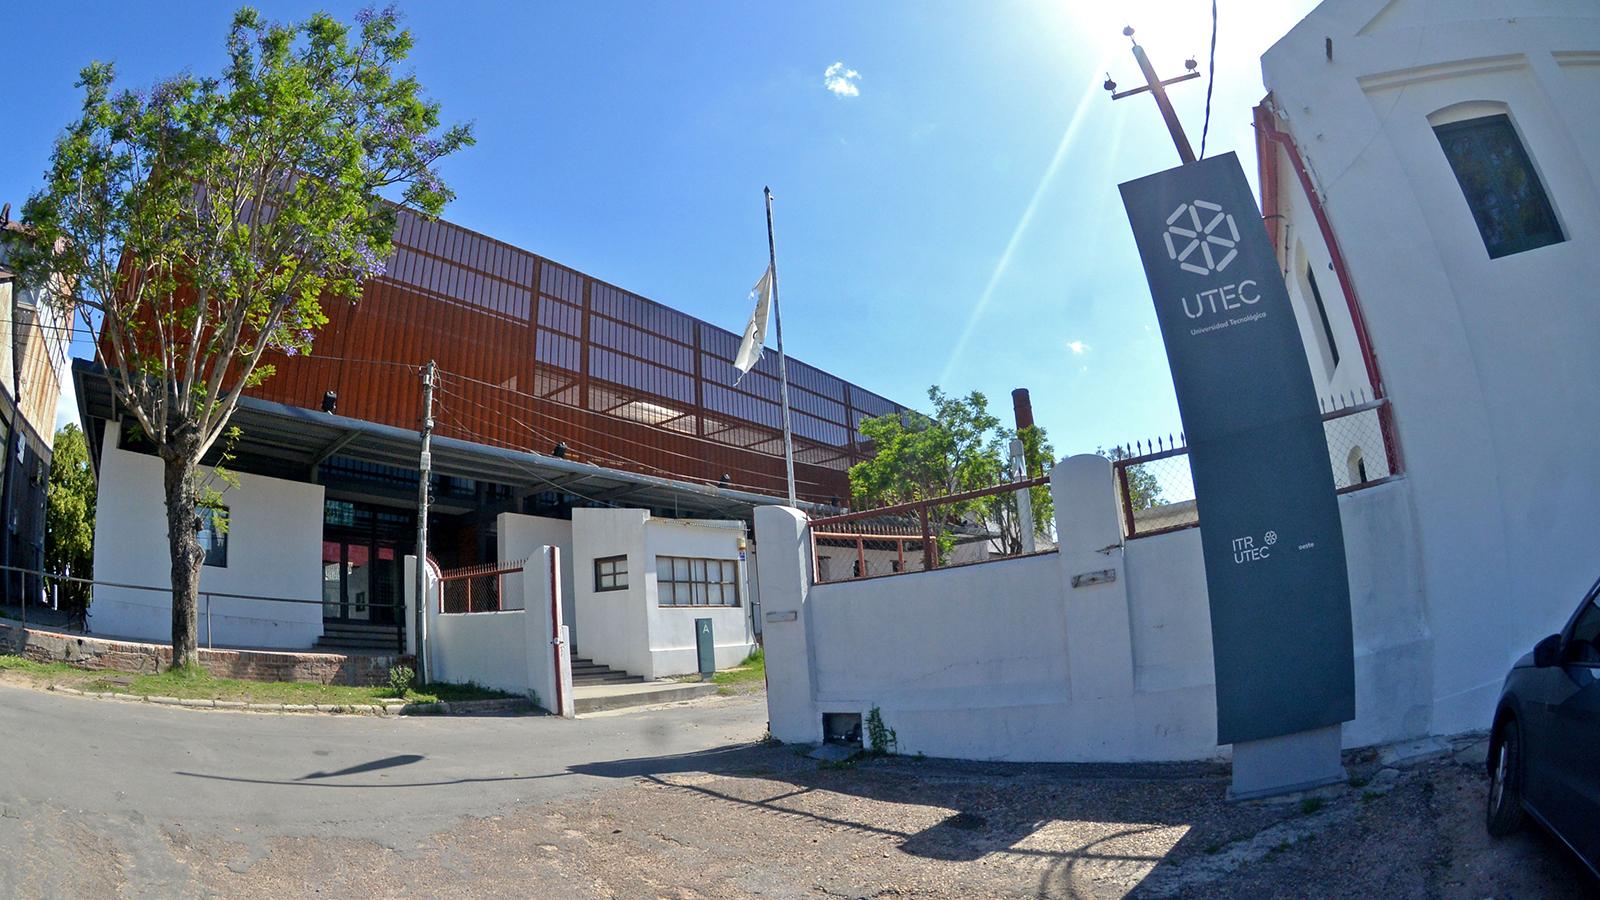 UTEC Amplió Sede En Fray Bentos